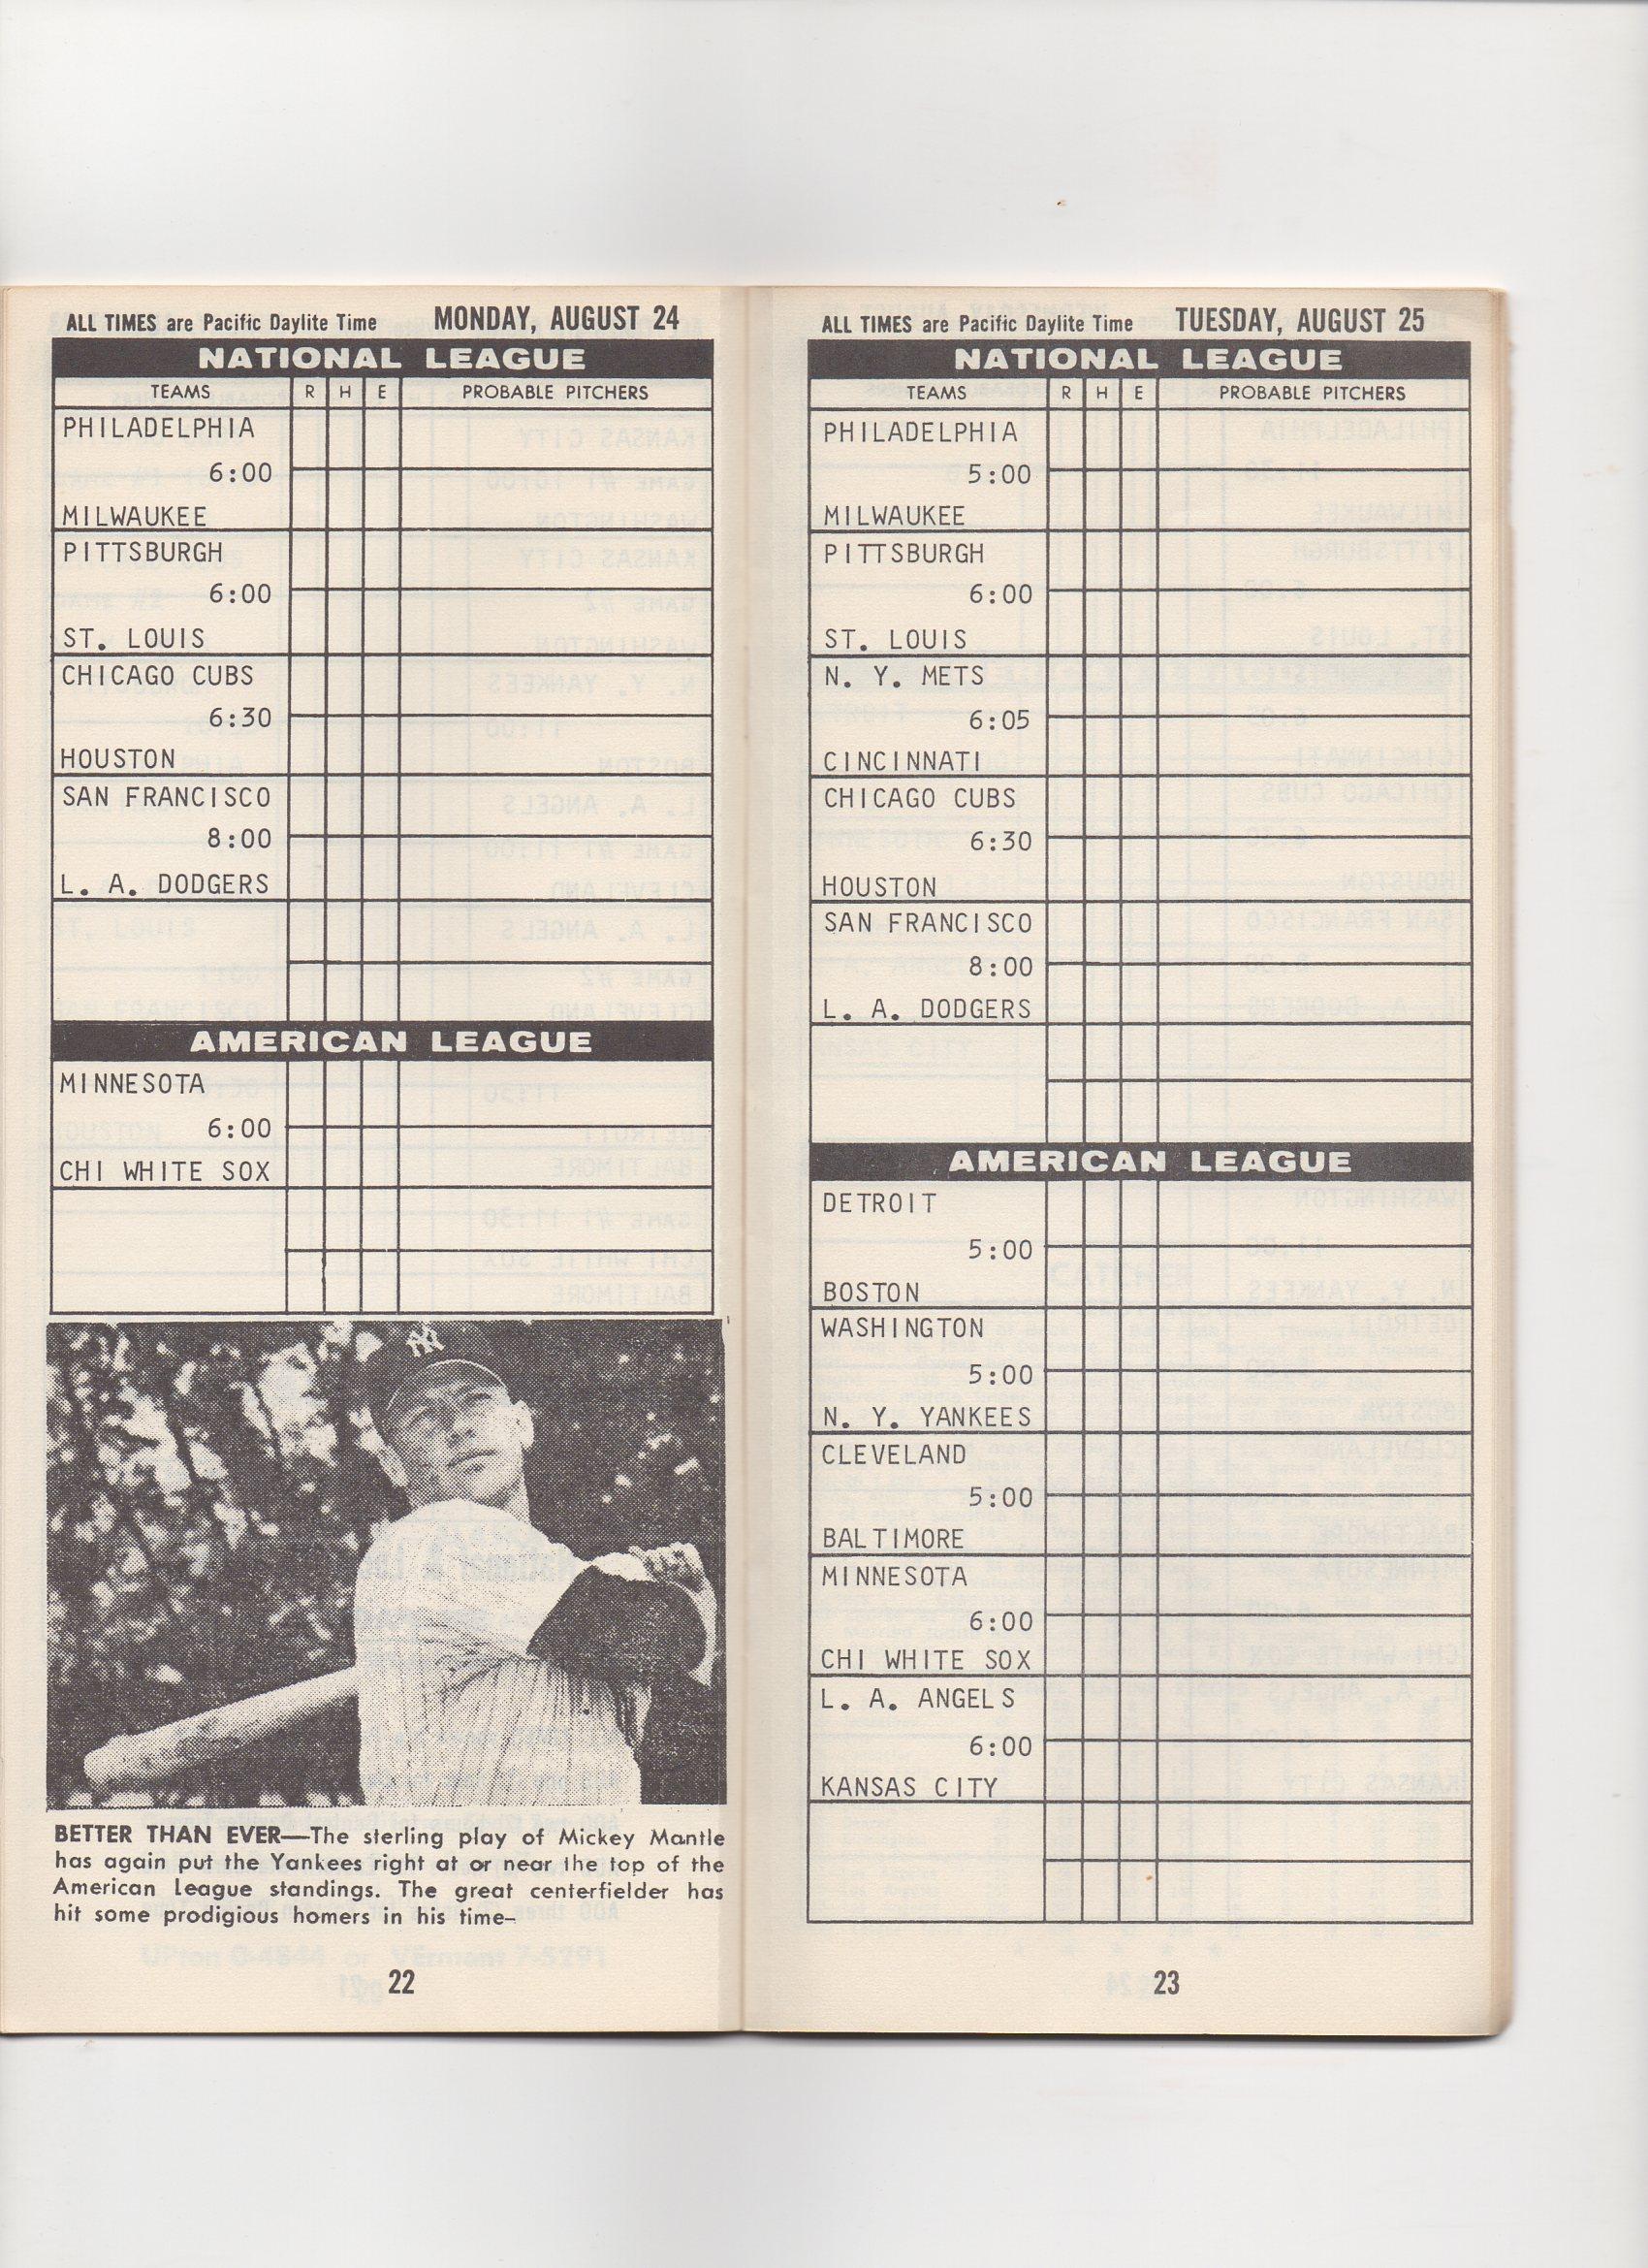 1964 baseball scoreboard booklet, 08/10-09/06